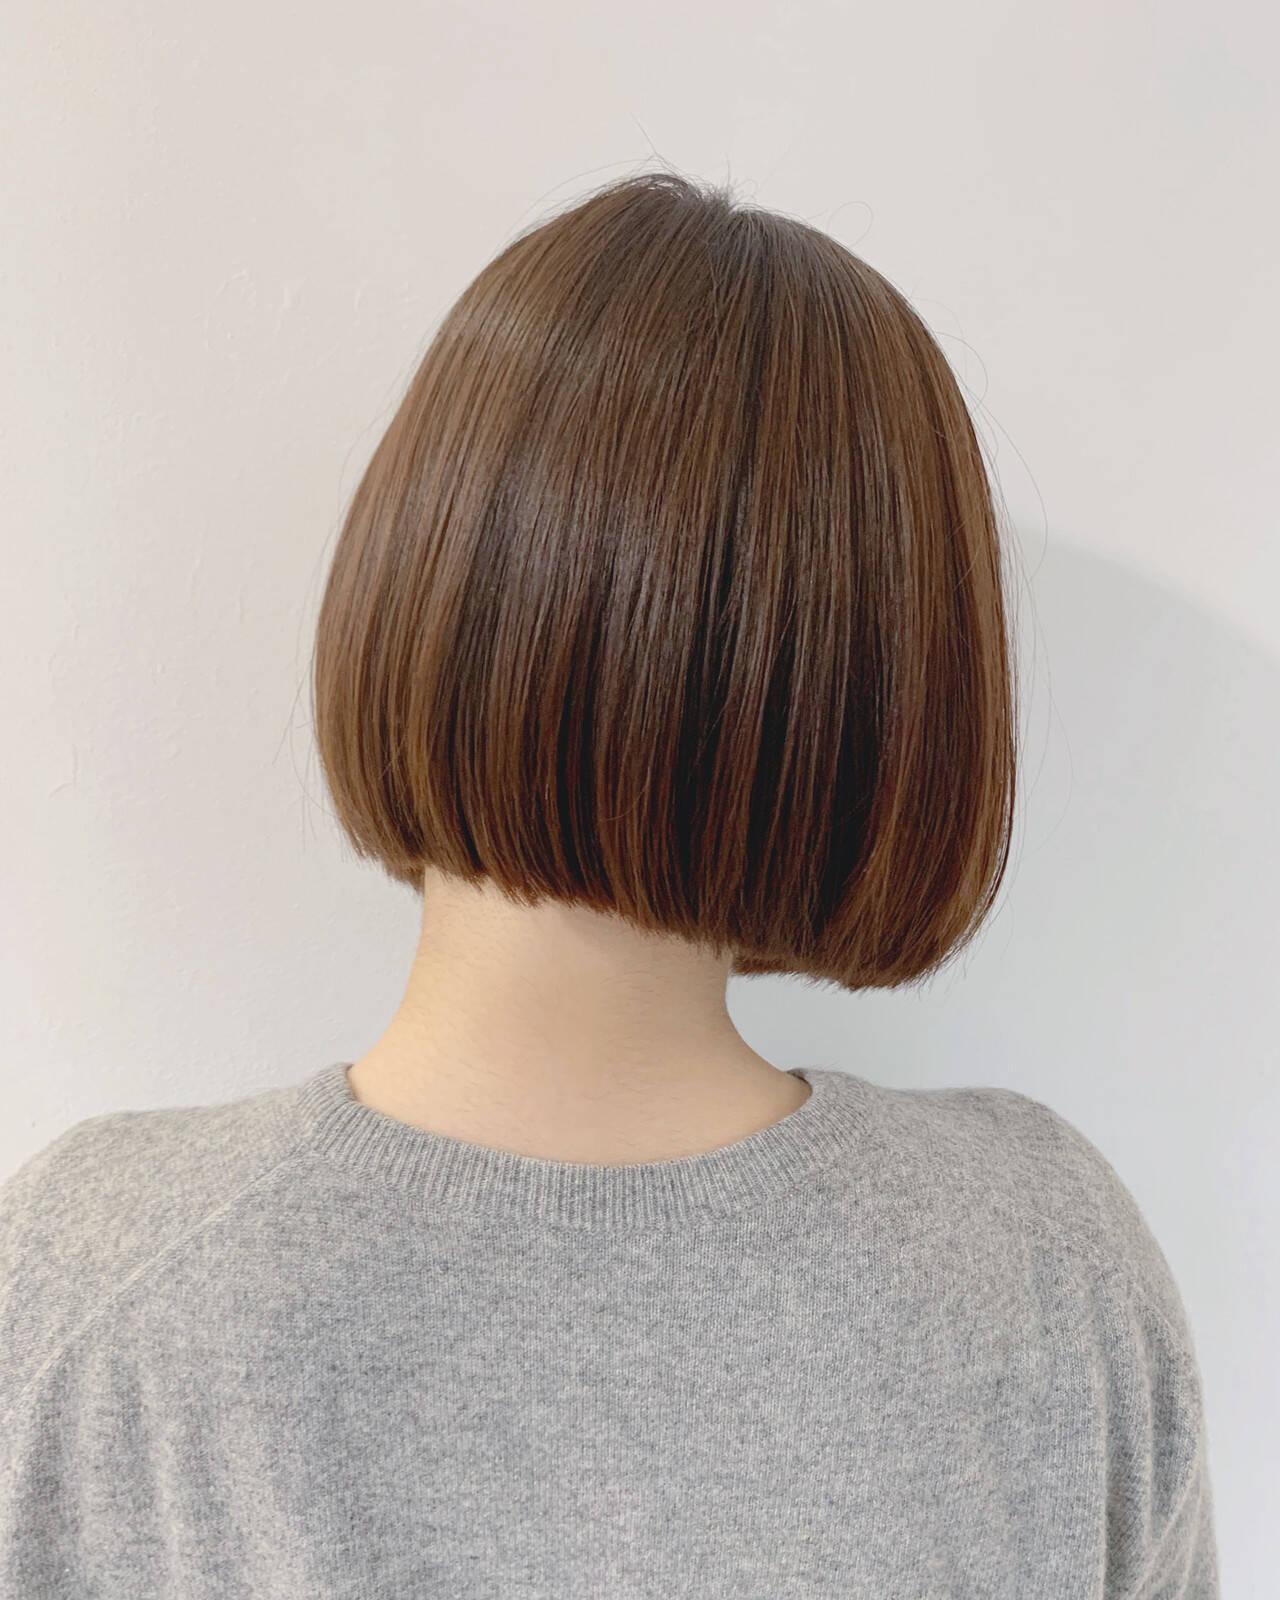 ミニボブ ストレート 前下がりボブ ボブヘアスタイルや髪型の写真・画像